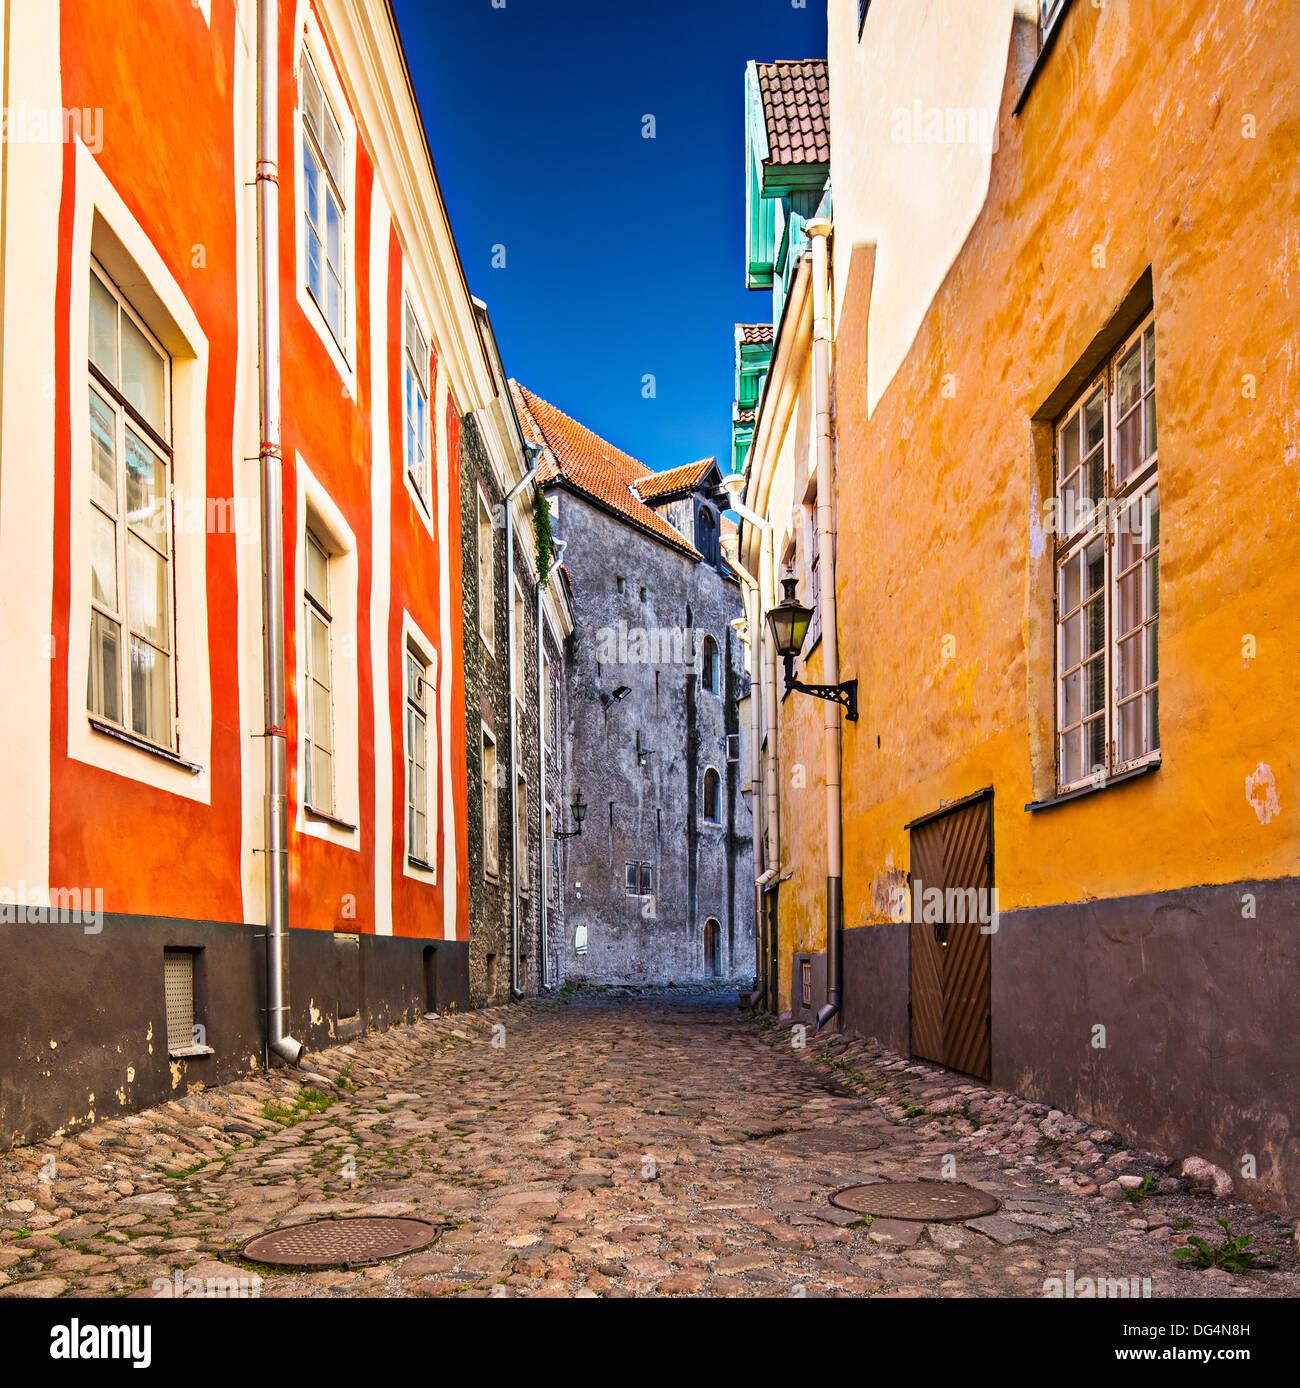 Gasse am Domberg in Tallinn, Estland. Stockbild